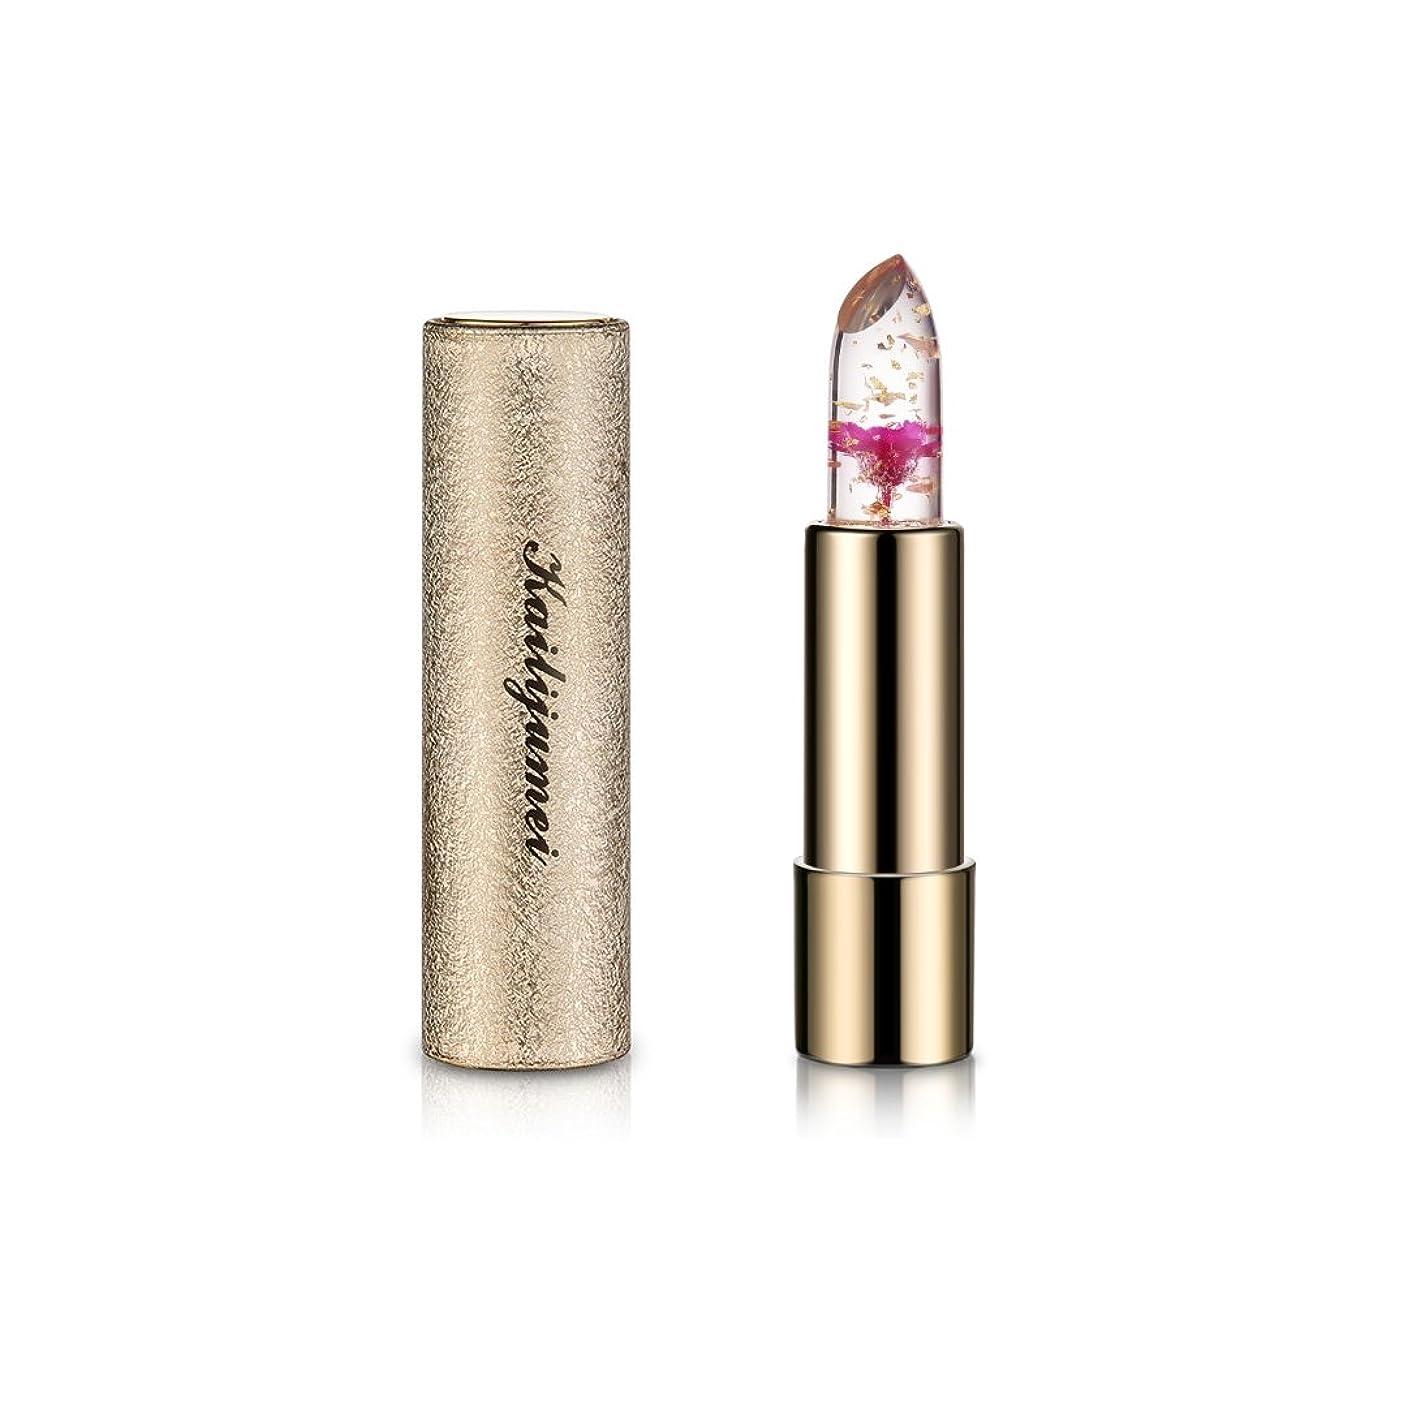 お風呂を持っている信頼仕様日本限定モデル 新作 kailijumei magic color lip 日本正規品 マジックカラー 唇の温度で色が変化するリップ 口紅 リップバーム カイリジュメイ ドライフラワー お花 (FLAME RED(レッド))